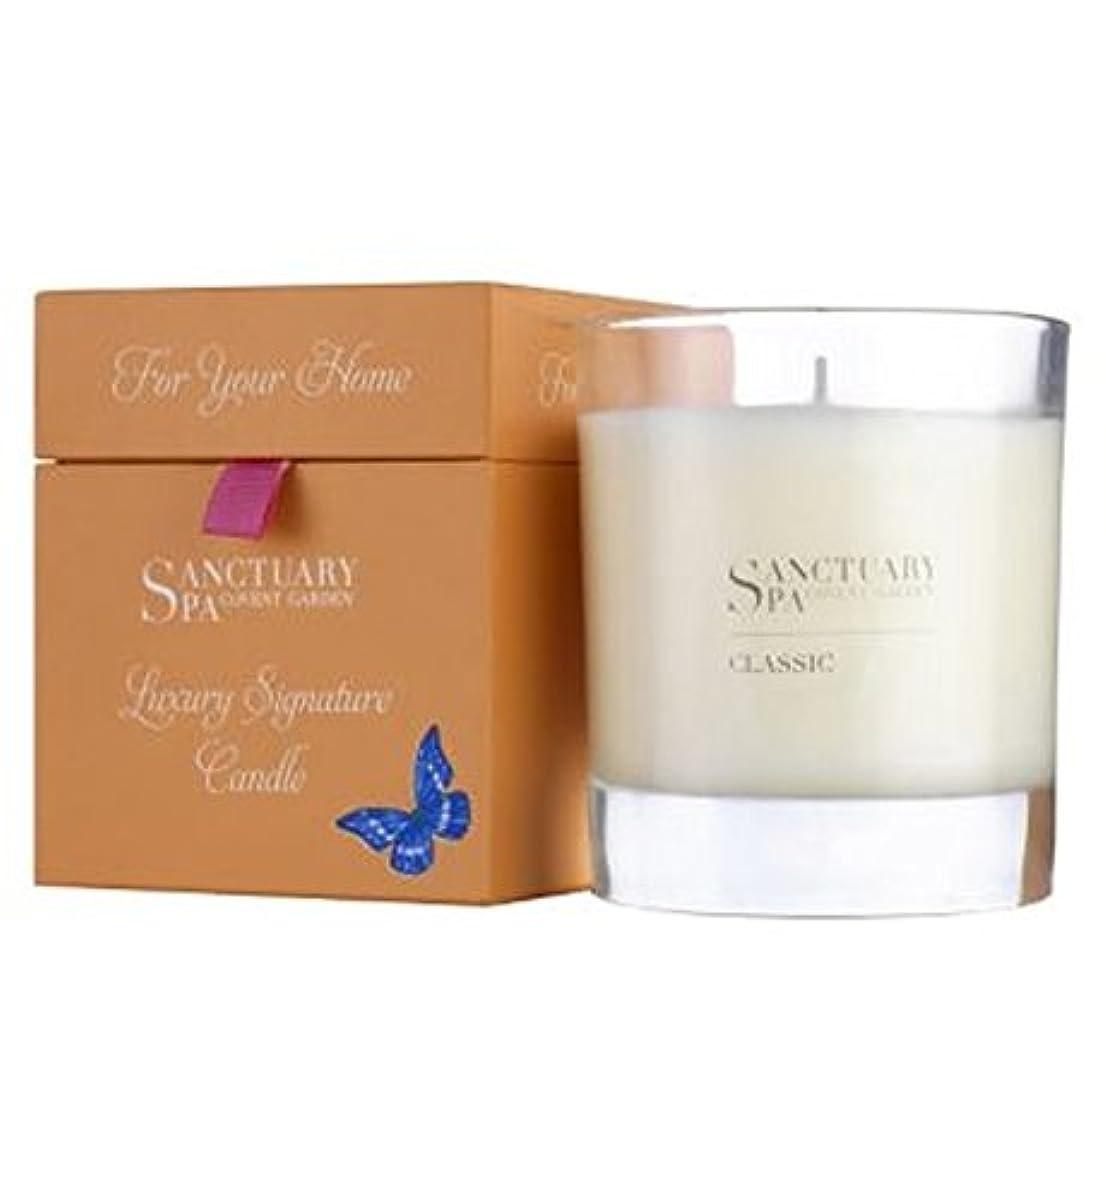 ウォーターフロント交響曲インカ帝国聖域のクラシックフレグランスキャンドル (Sanctuary) (x2) - Sanctuary Classic Fragranced Candle (Pack of 2) [並行輸入品]